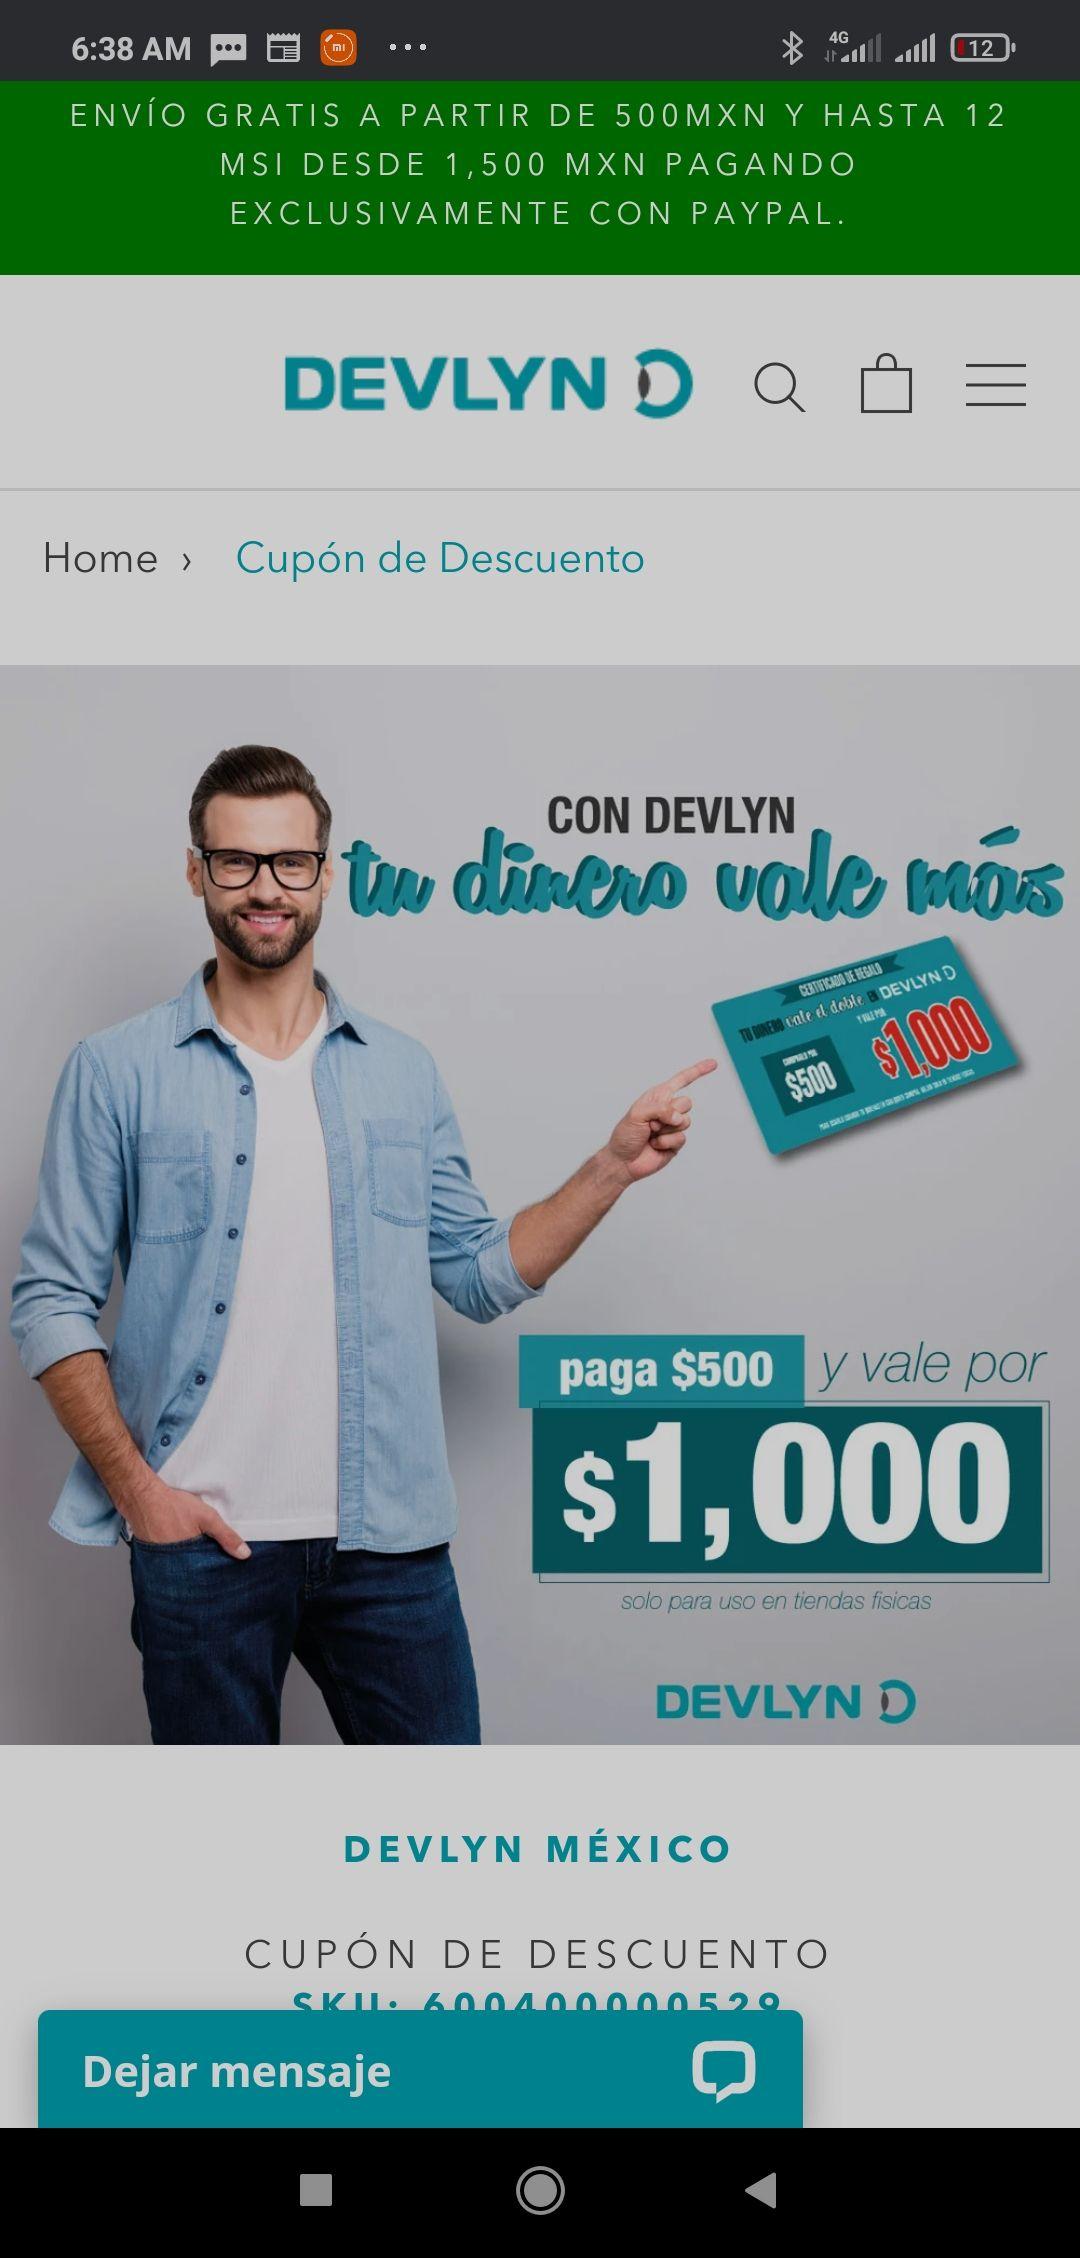 Devlyn: te regala $500 comprando cupón de $500